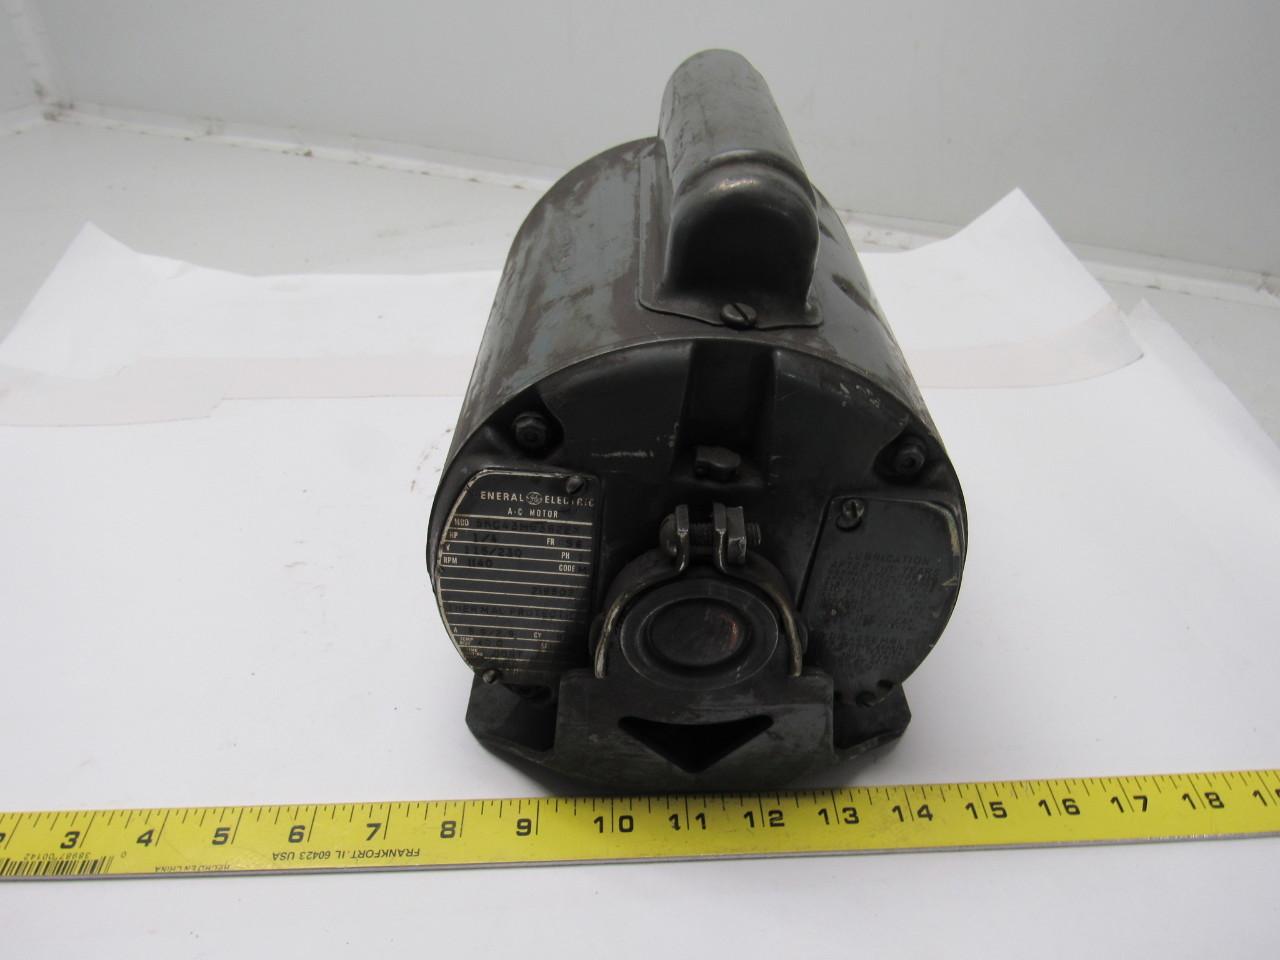 Ge general electric 5kc43mg362ex 1 4 hp motor 1ph 115 220v for 56 frame motor shaft size